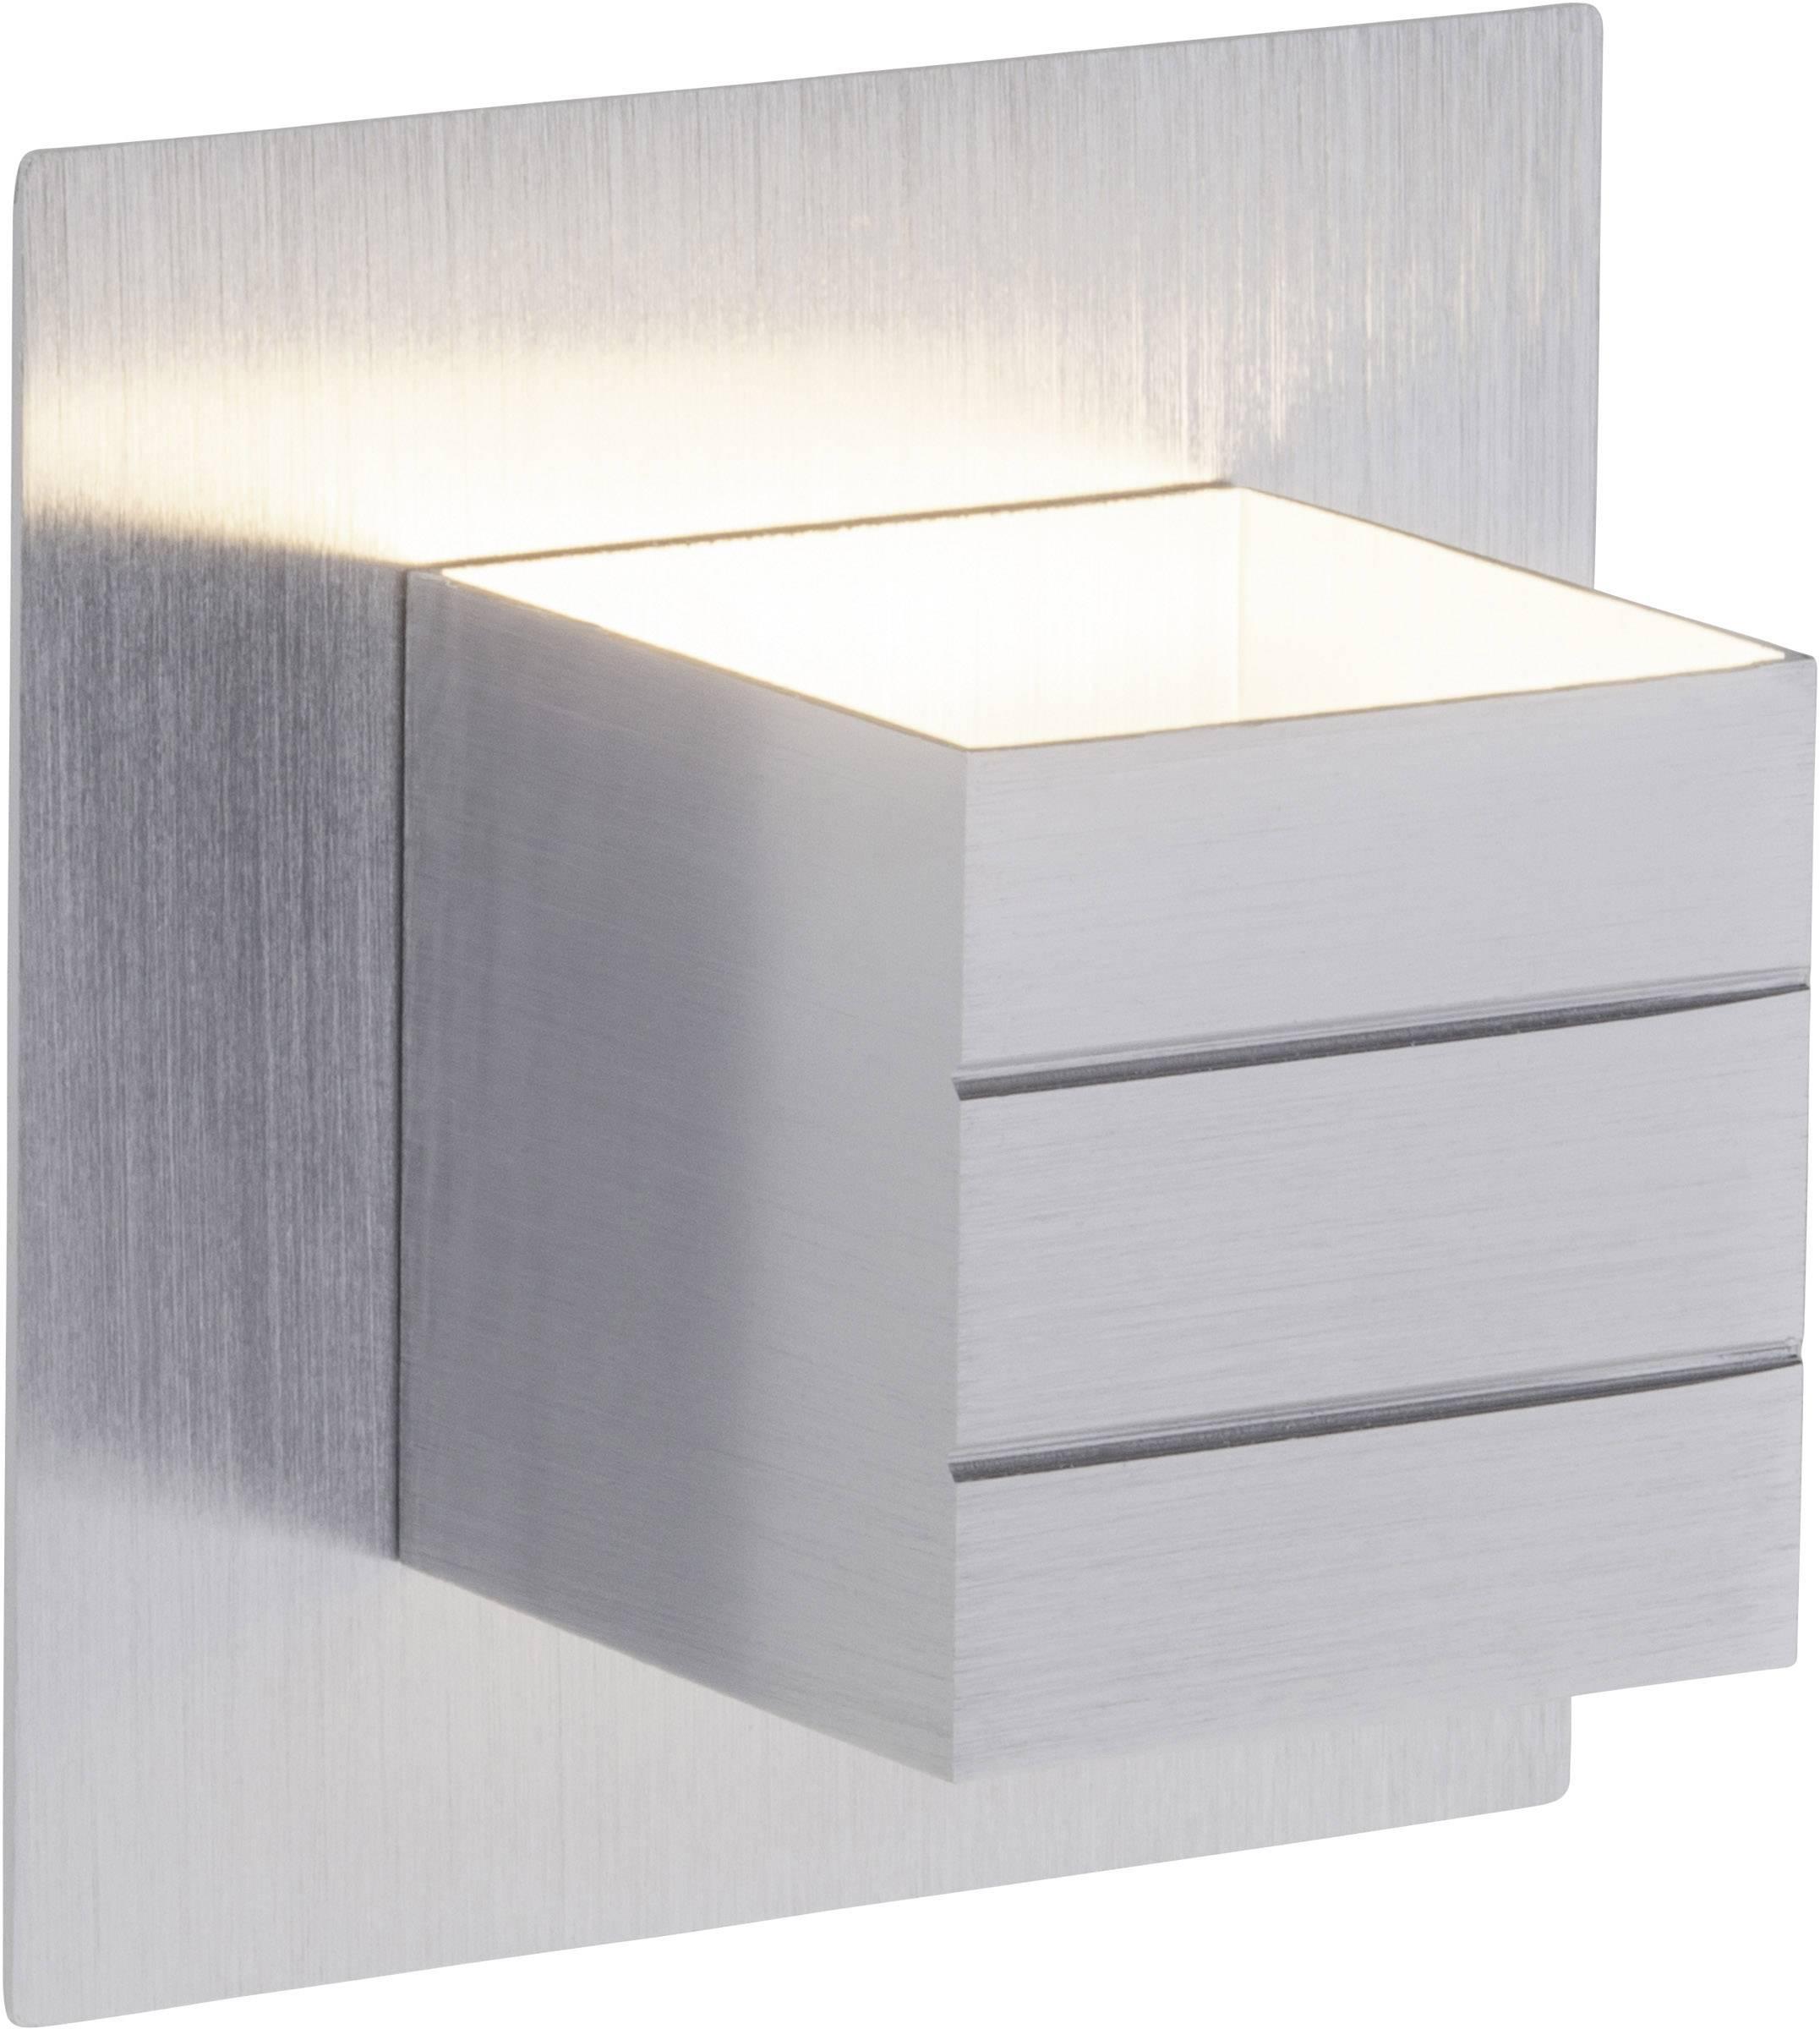 LED nástěnné světlo Brilliant Fixed G94330/21, 6 W, teplá bílá, hliník